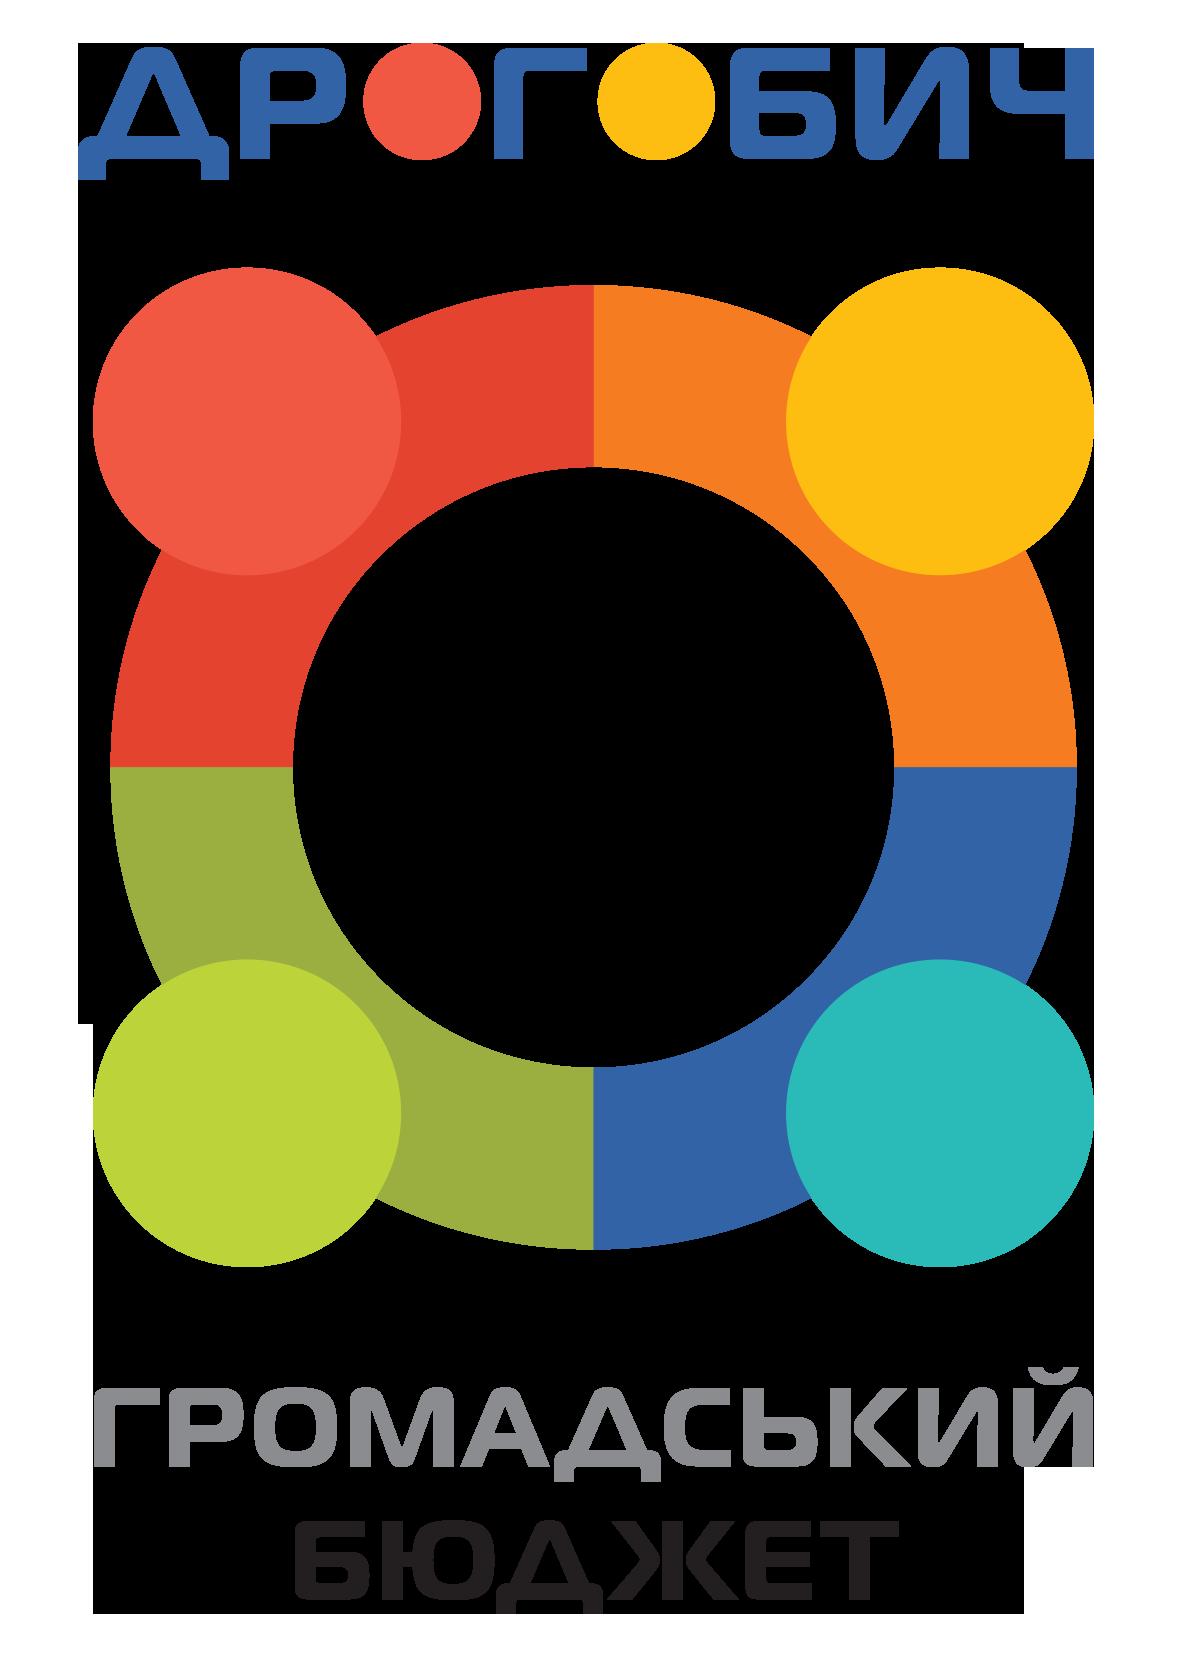 Оголошено список проектів-переможців Громадського бюджету Дрогобича-2020